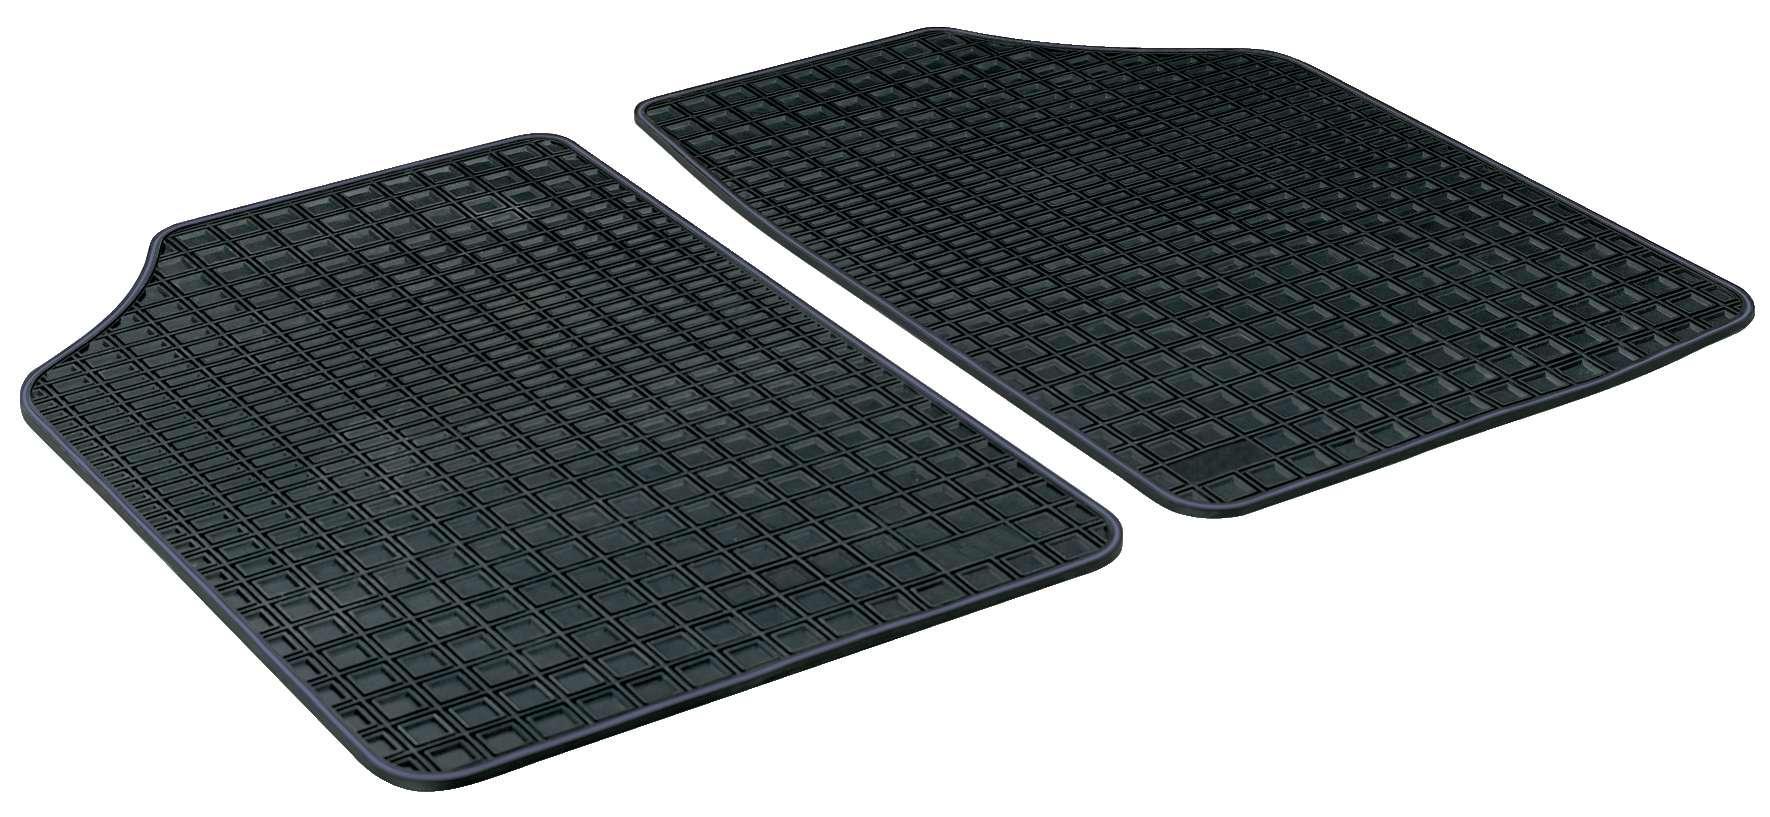 14902 WALSER Maßgefertigt, Blueline Premium Gummi, hinten, Menge: 2, schwarz Autofußmatten 14902 günstig kaufen